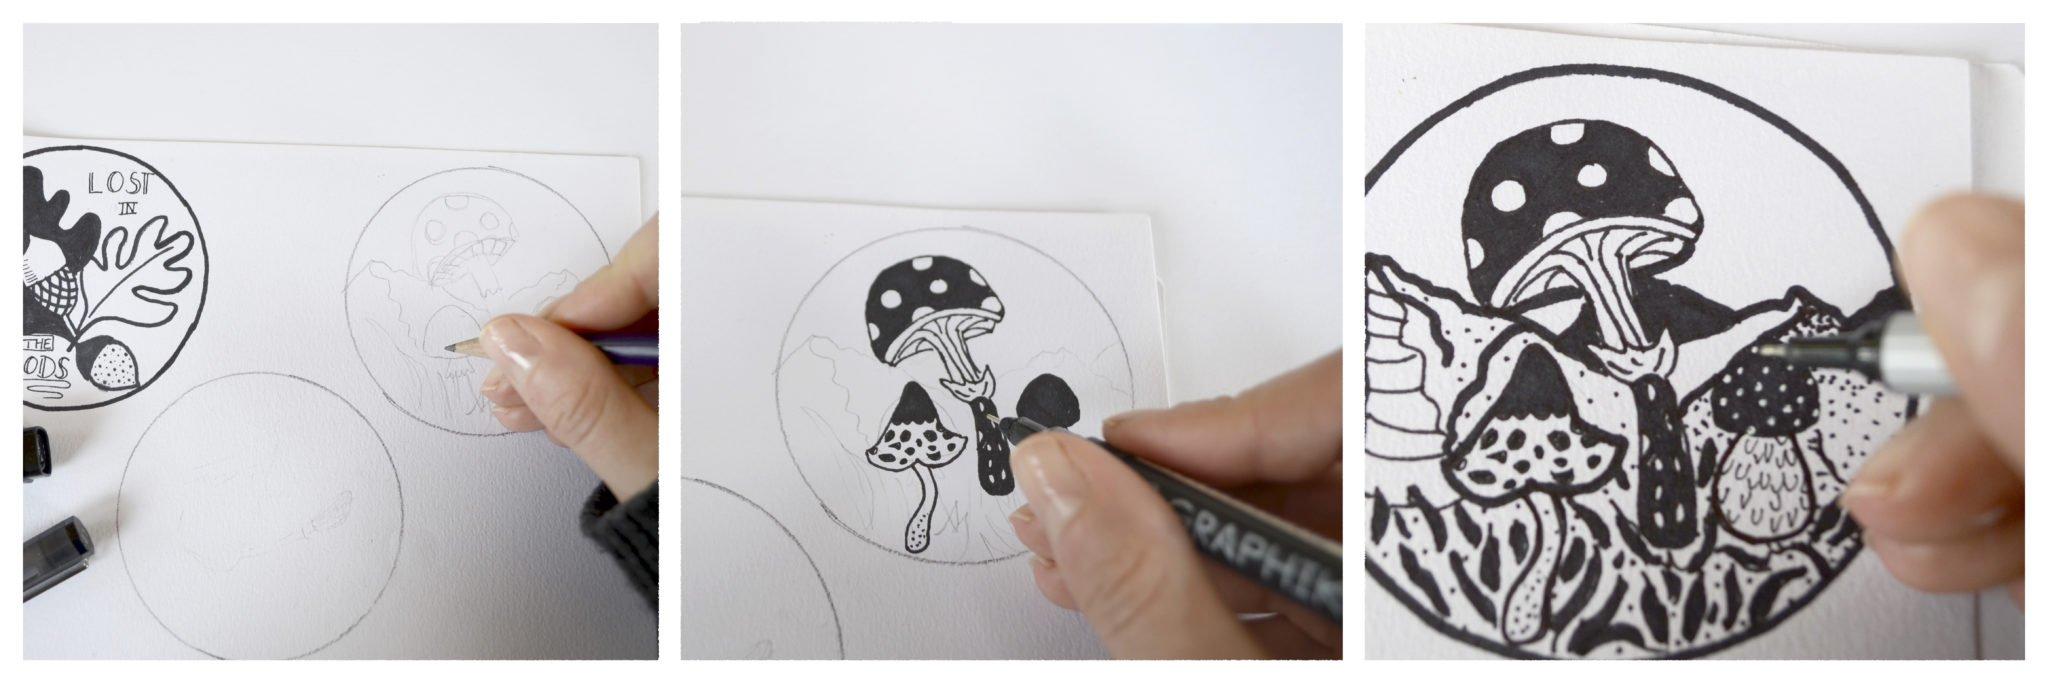 Aufkleber Zeichnen mit Ms.Hey!